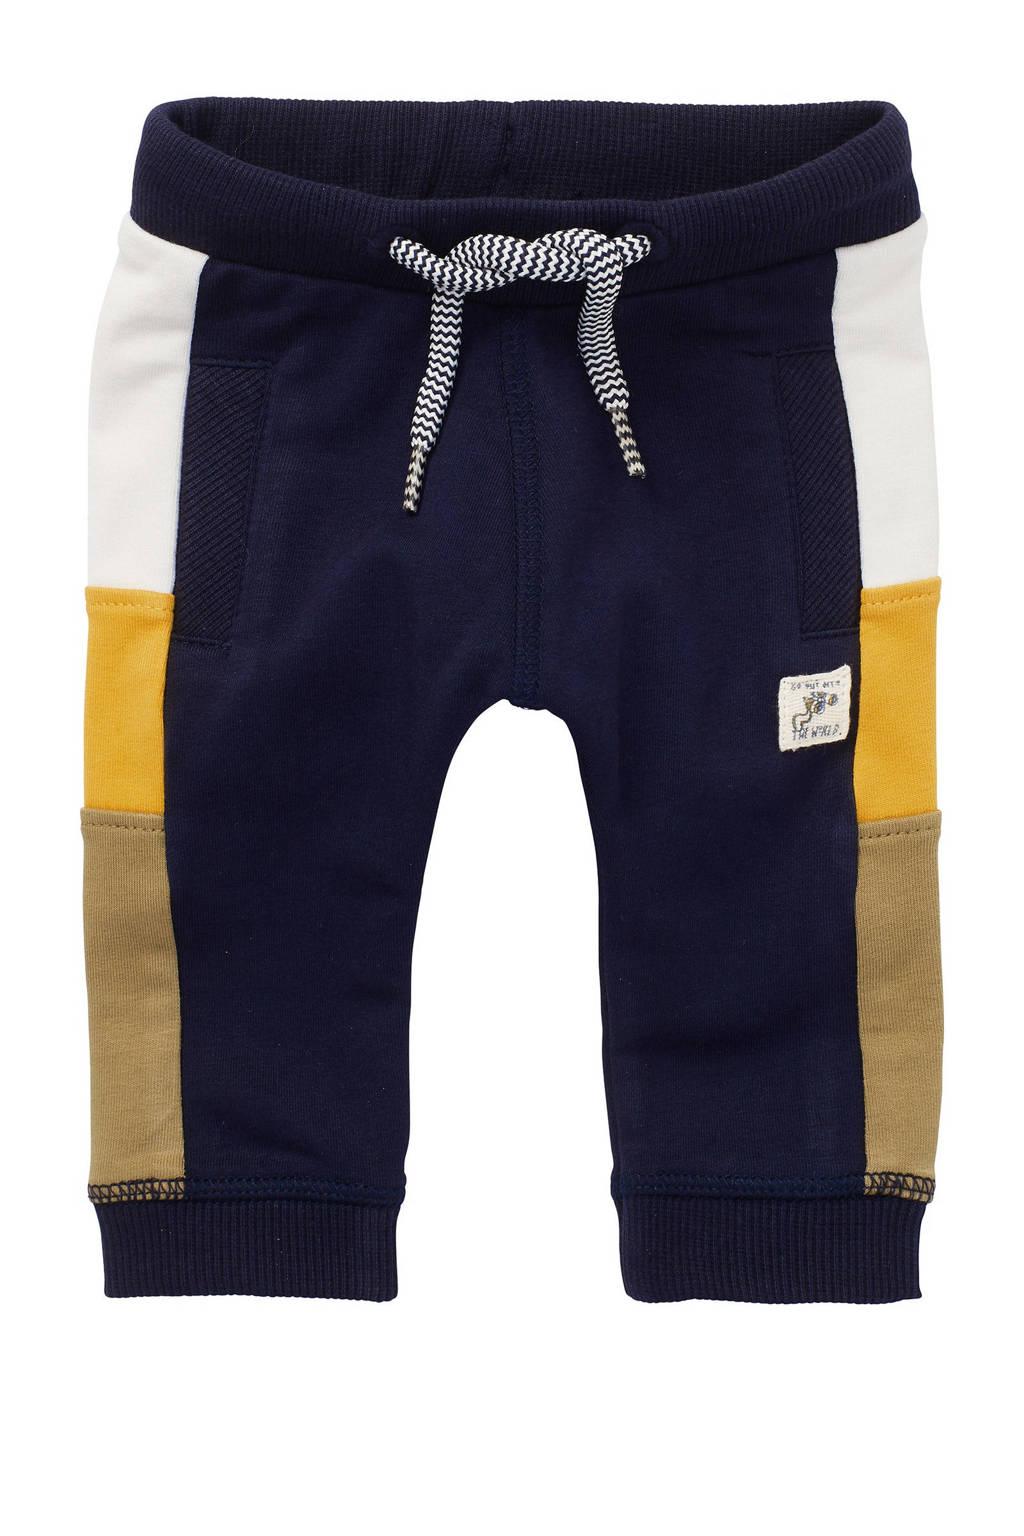 Noppies baby regular fit joggingbroek Tebworth met biologisch katoen donkerblauw/geel/camel, Donkerblauw/geel/camel